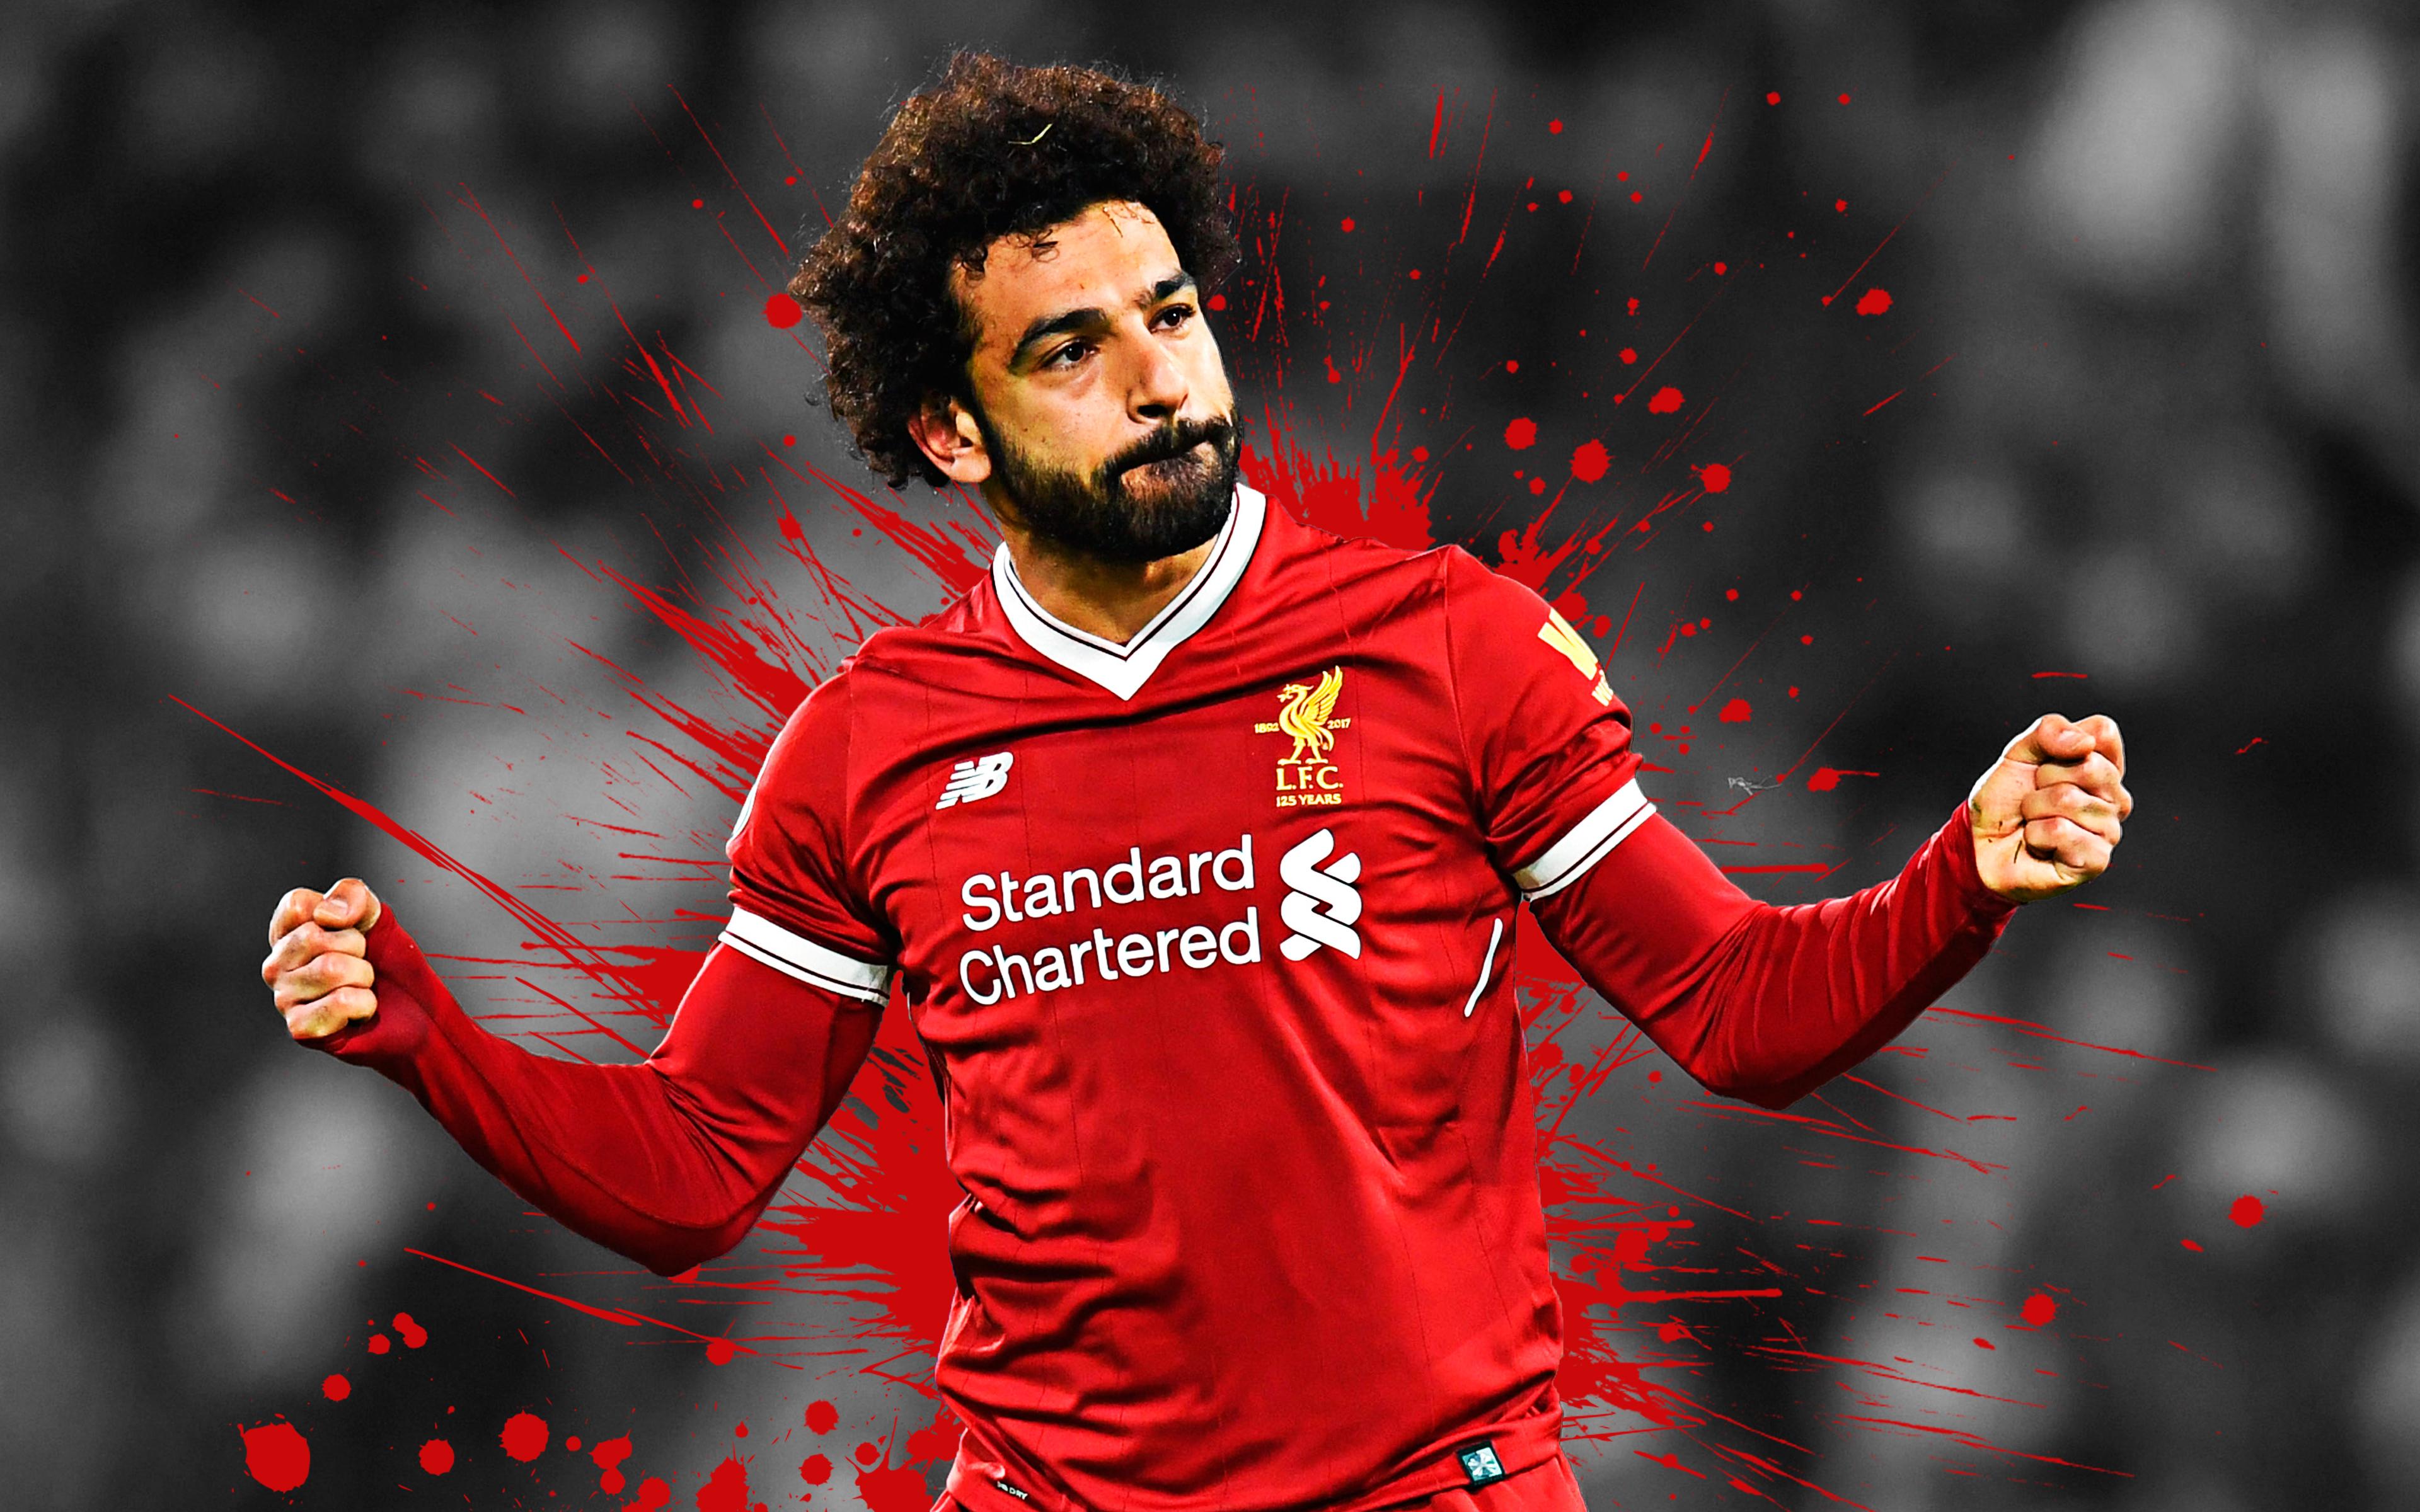 Tải ảnh đẹp của Mohamed Salah